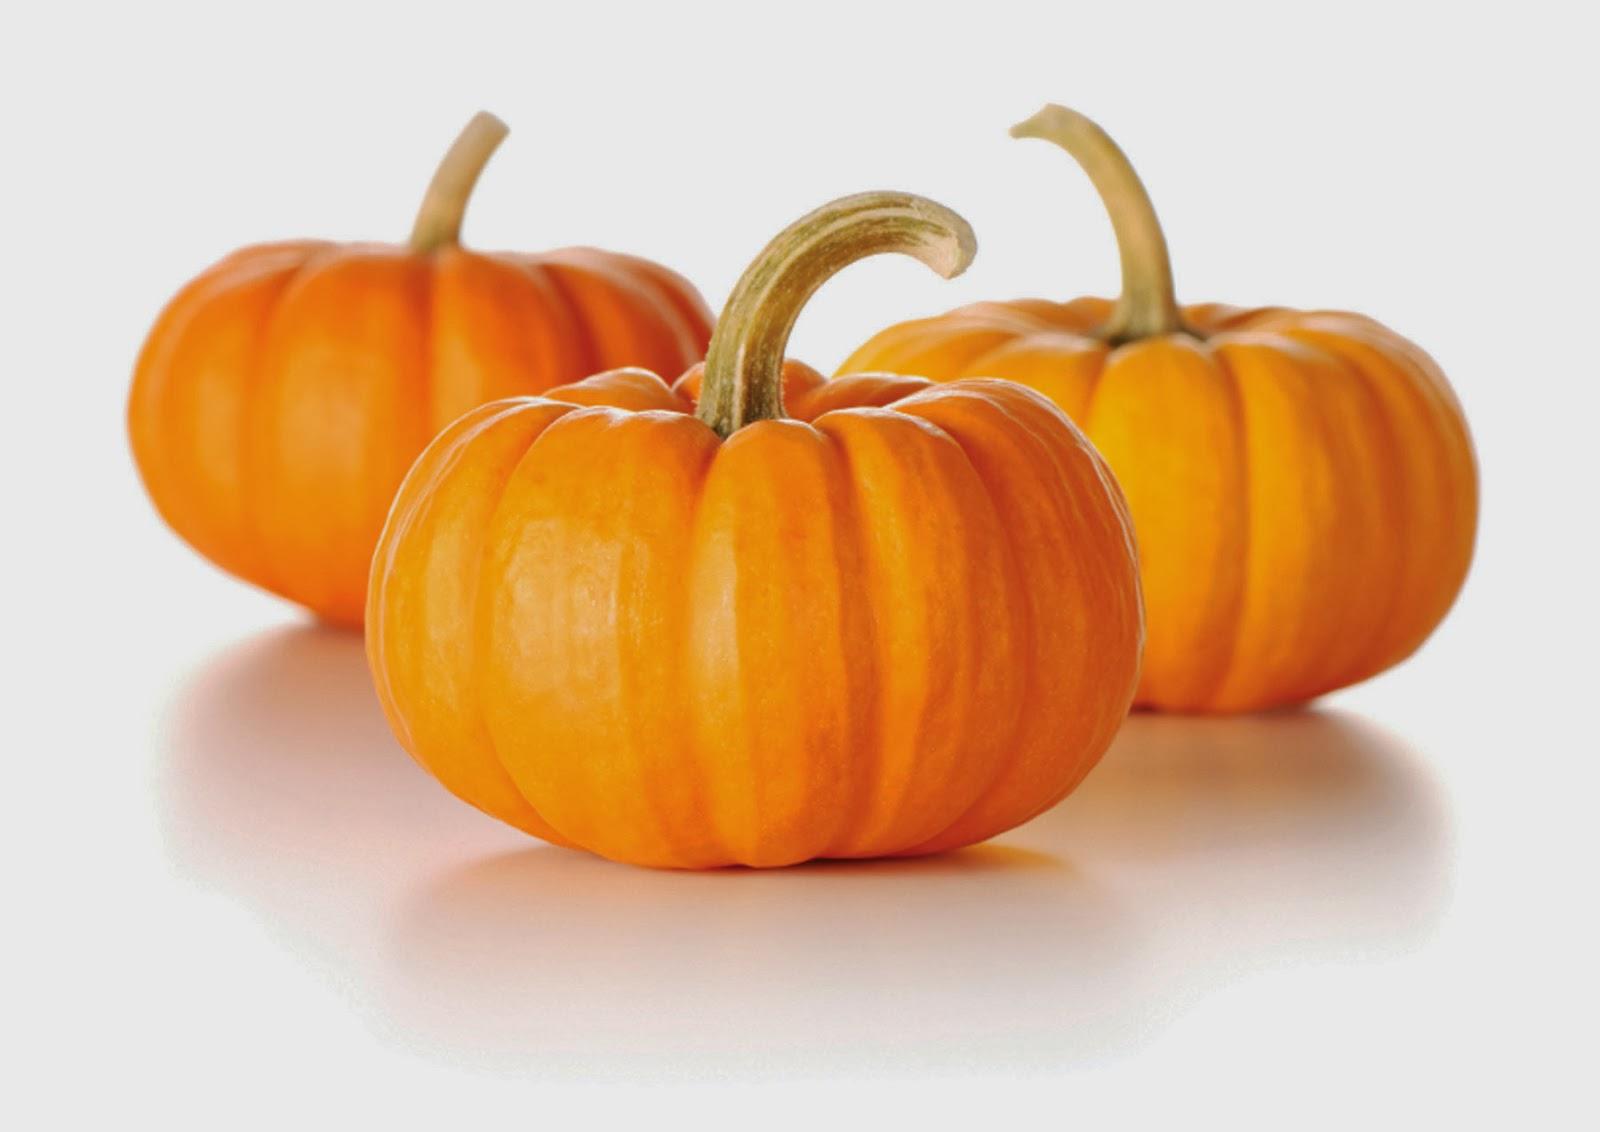 Bí đỏ còn được biết đến như một loại thực phẩm có tác dụng làm trắng da